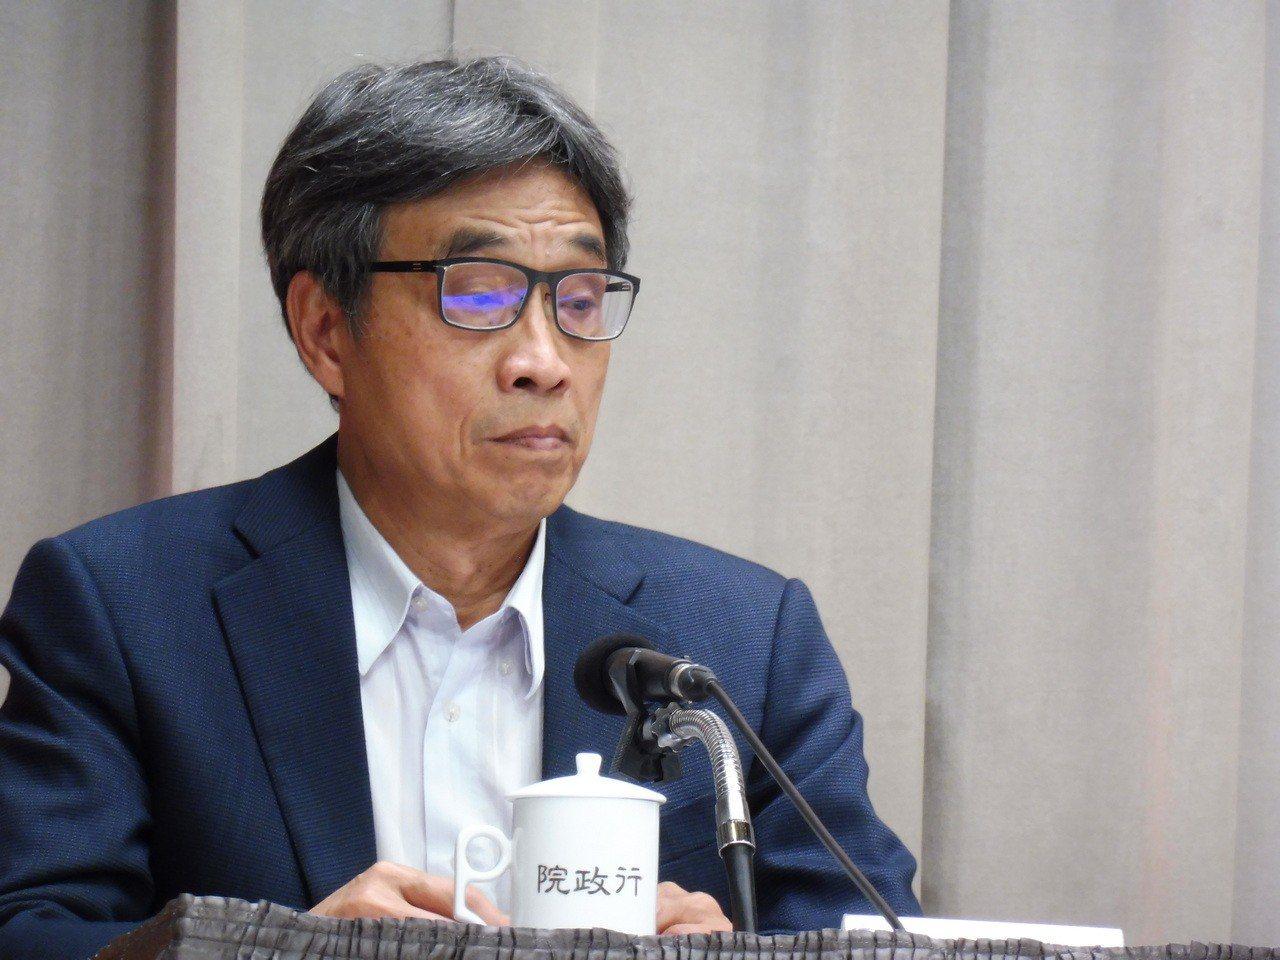 農委會副主委陳駿季。 圖/聯合報系資料照片